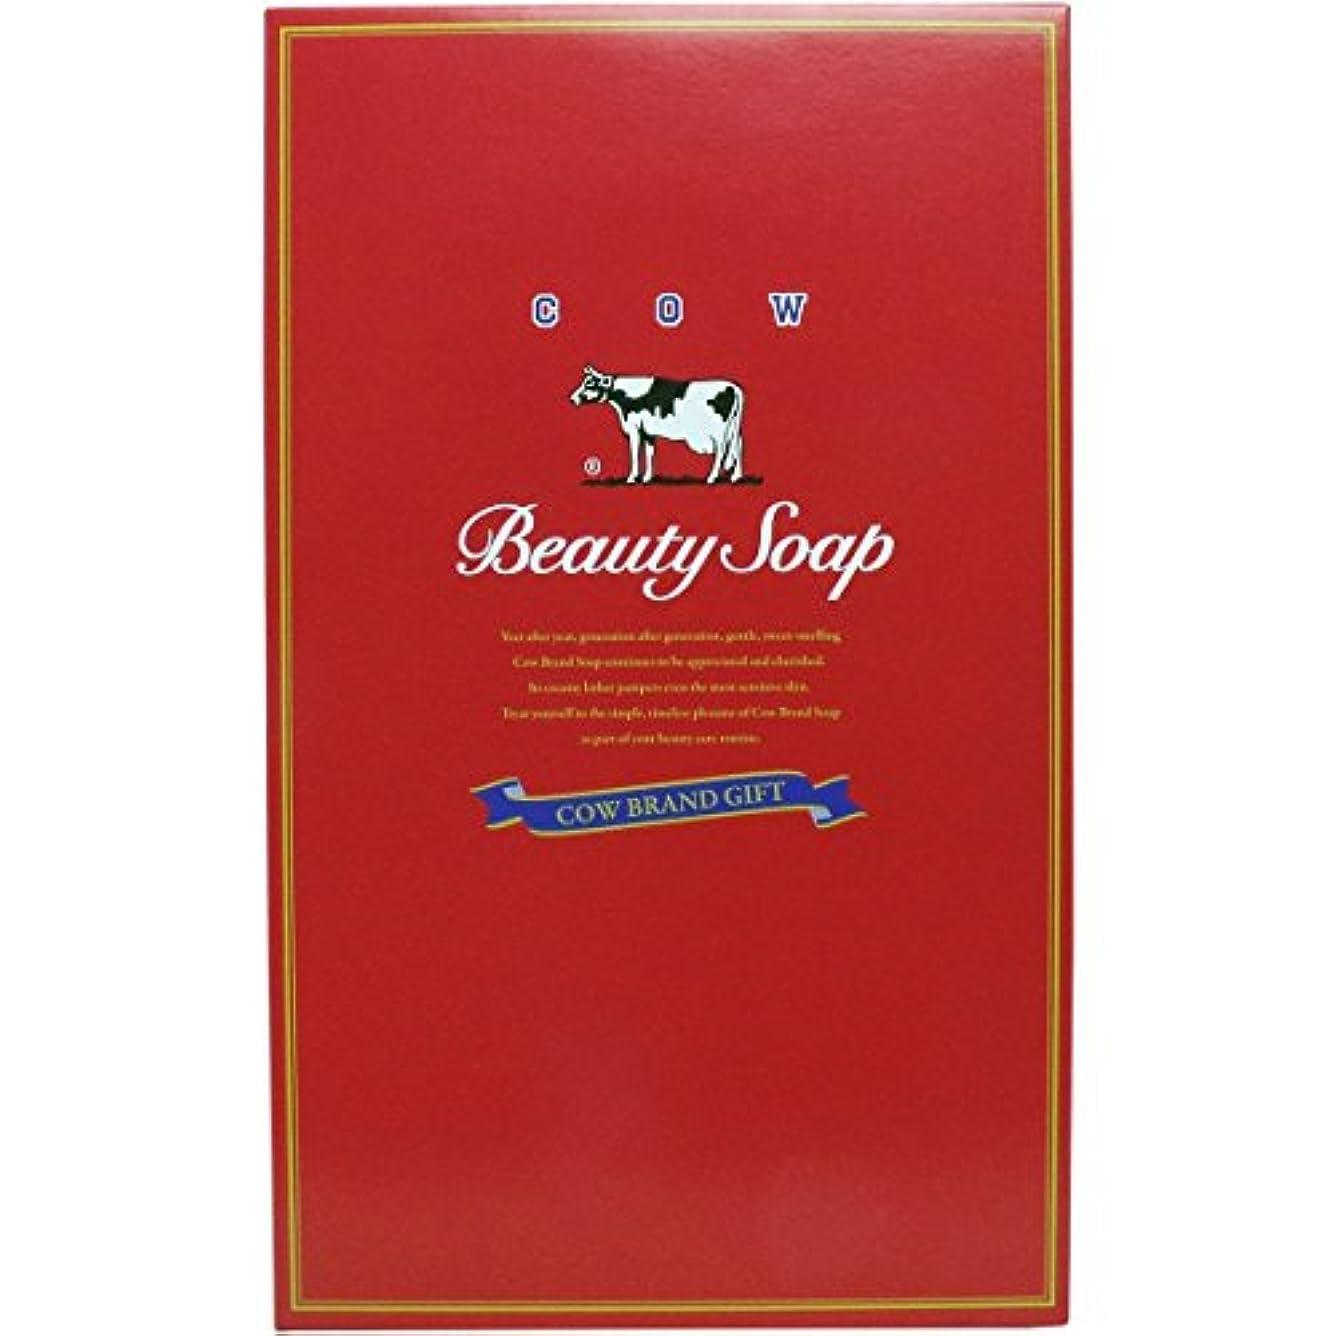 枯渇するスリラー栄光の牛乳石鹸共進社 カウブランド石鹸 赤箱 100g×10個×3箱